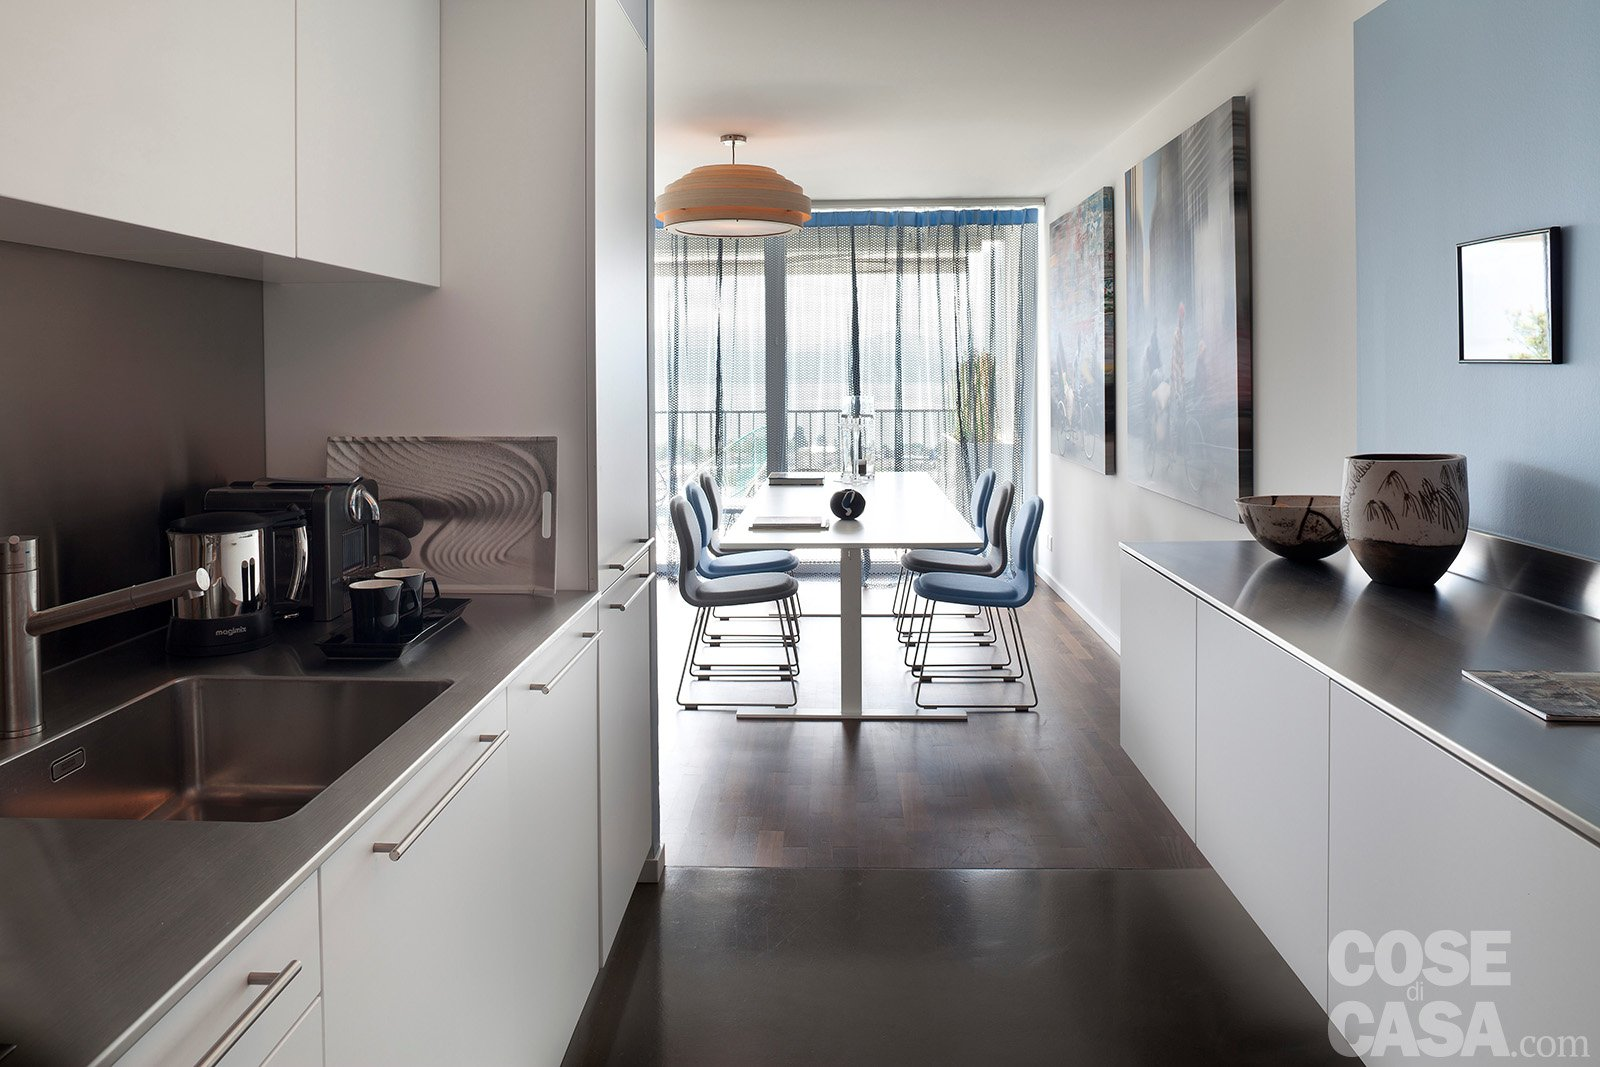 Maxi bilocale con terrazzo perfetto per due cose di casa for Immagini di appartamenti ristrutturati